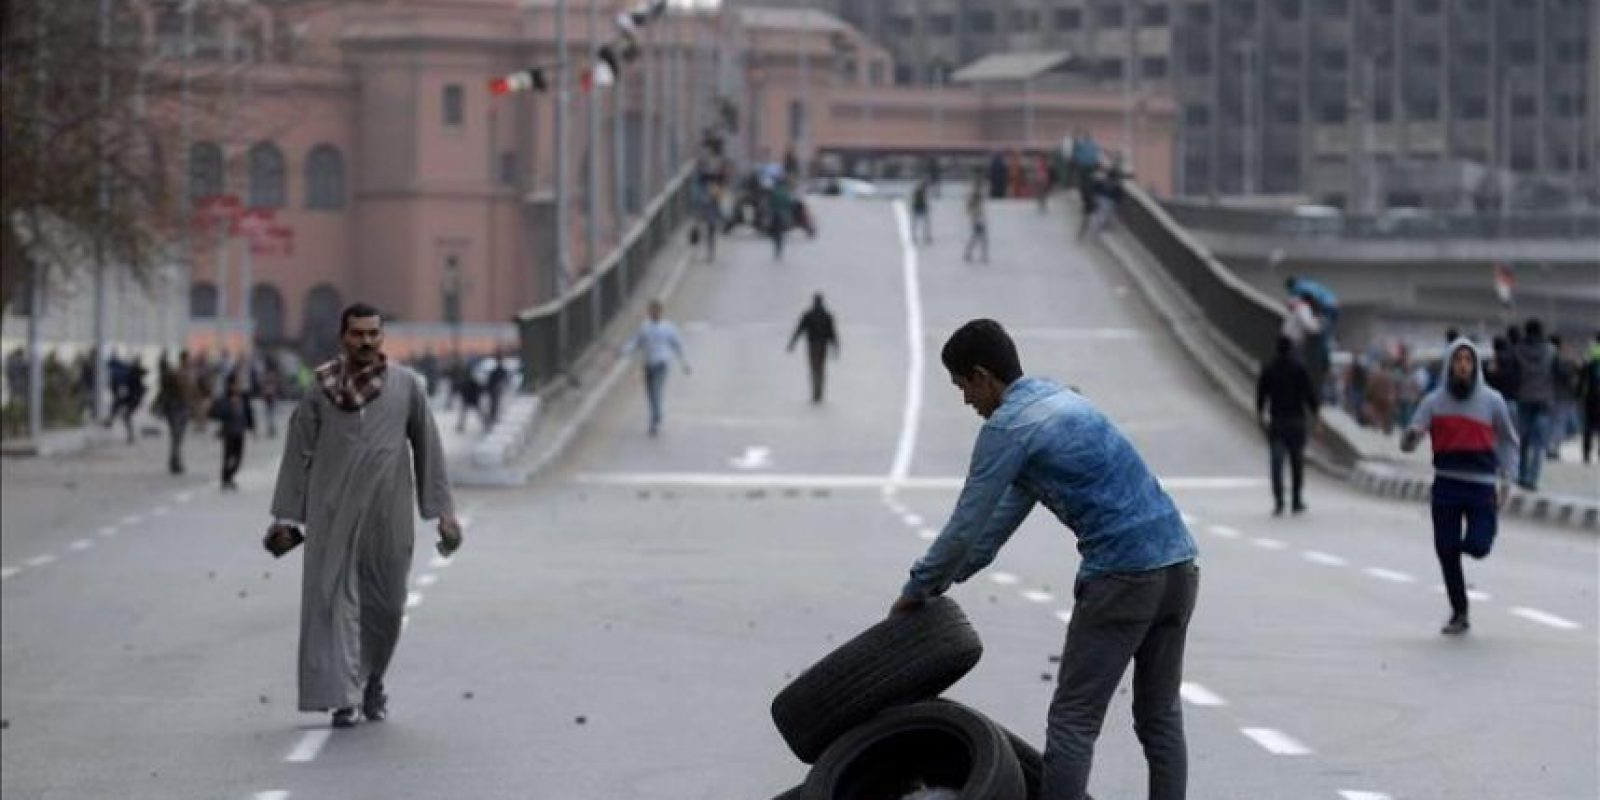 Egipcios apilan neumáticos durante los enfrentamientos con las fuerzas de seguridad en una protesta en conmemoración del día del aniversario de la sublevación 2011, en El Cairo , Egipto. EFE